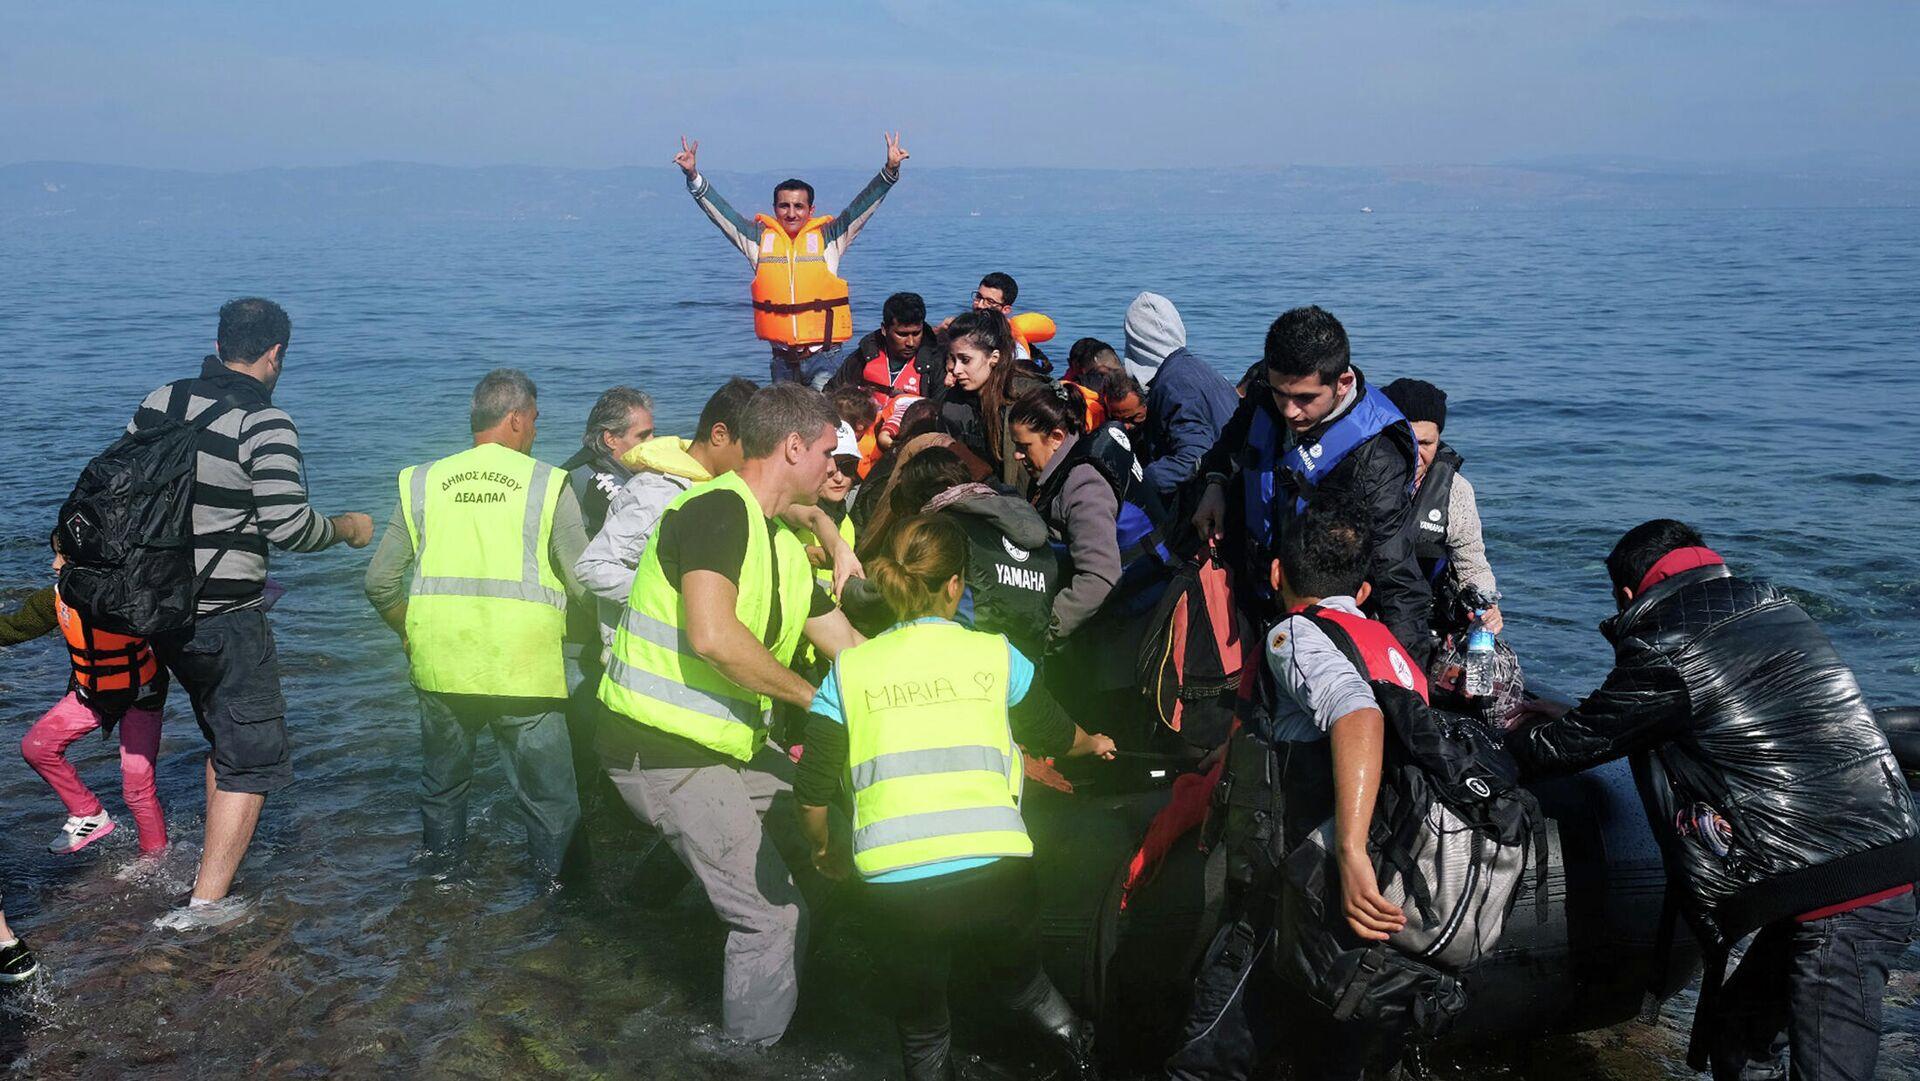 Gommone di migranti approda sulle coste greche - Sputnik Italia, 1920, 27.09.2021